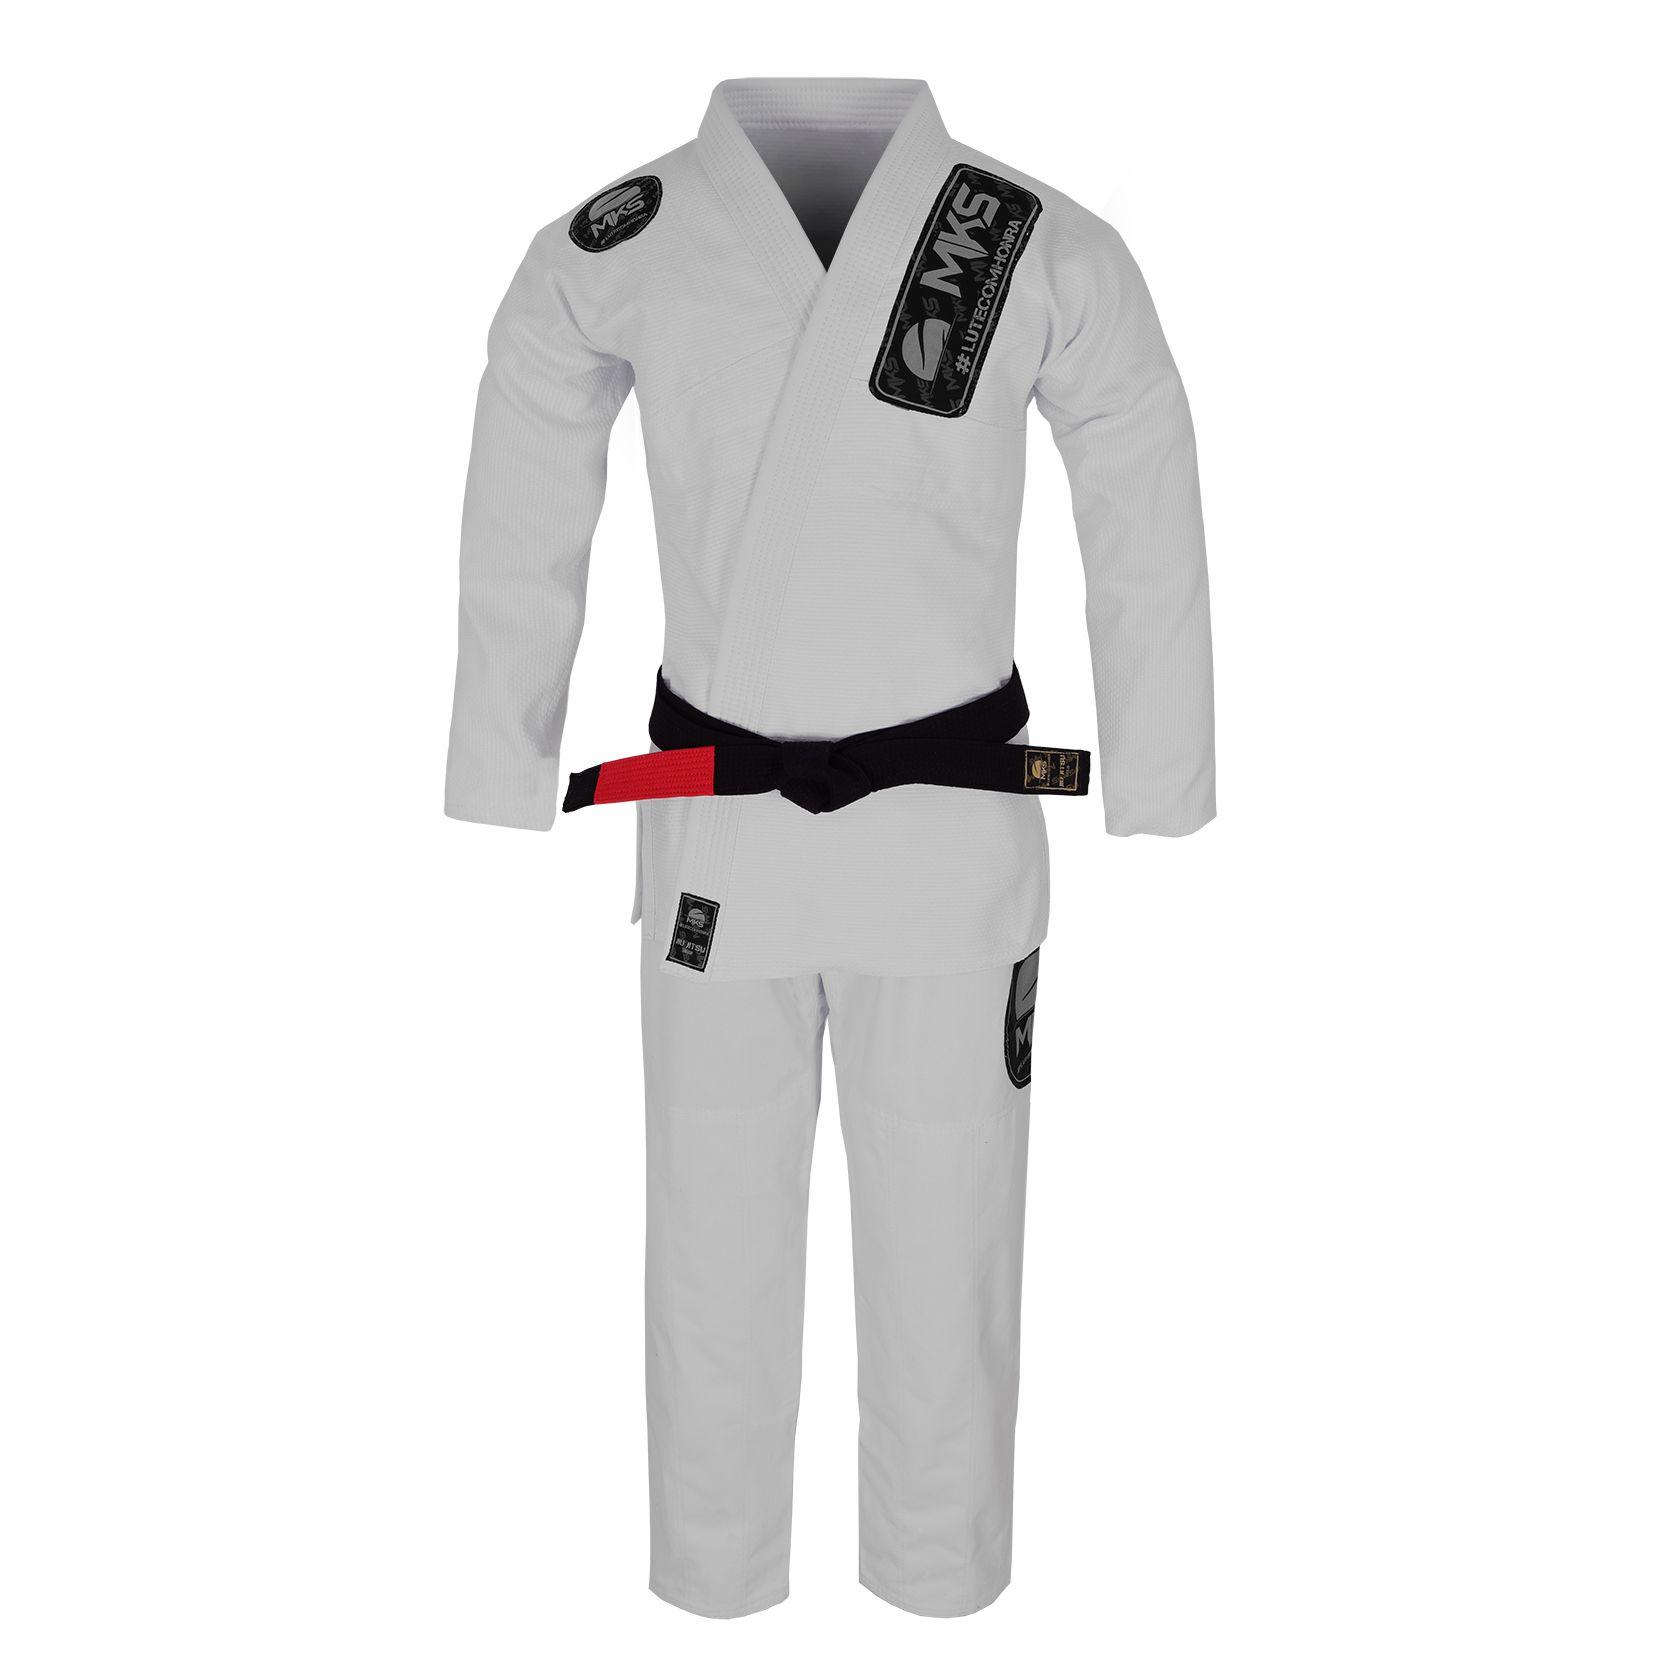 Kimono Jiu Jitsu MKS Light (Silver Edition) Branco